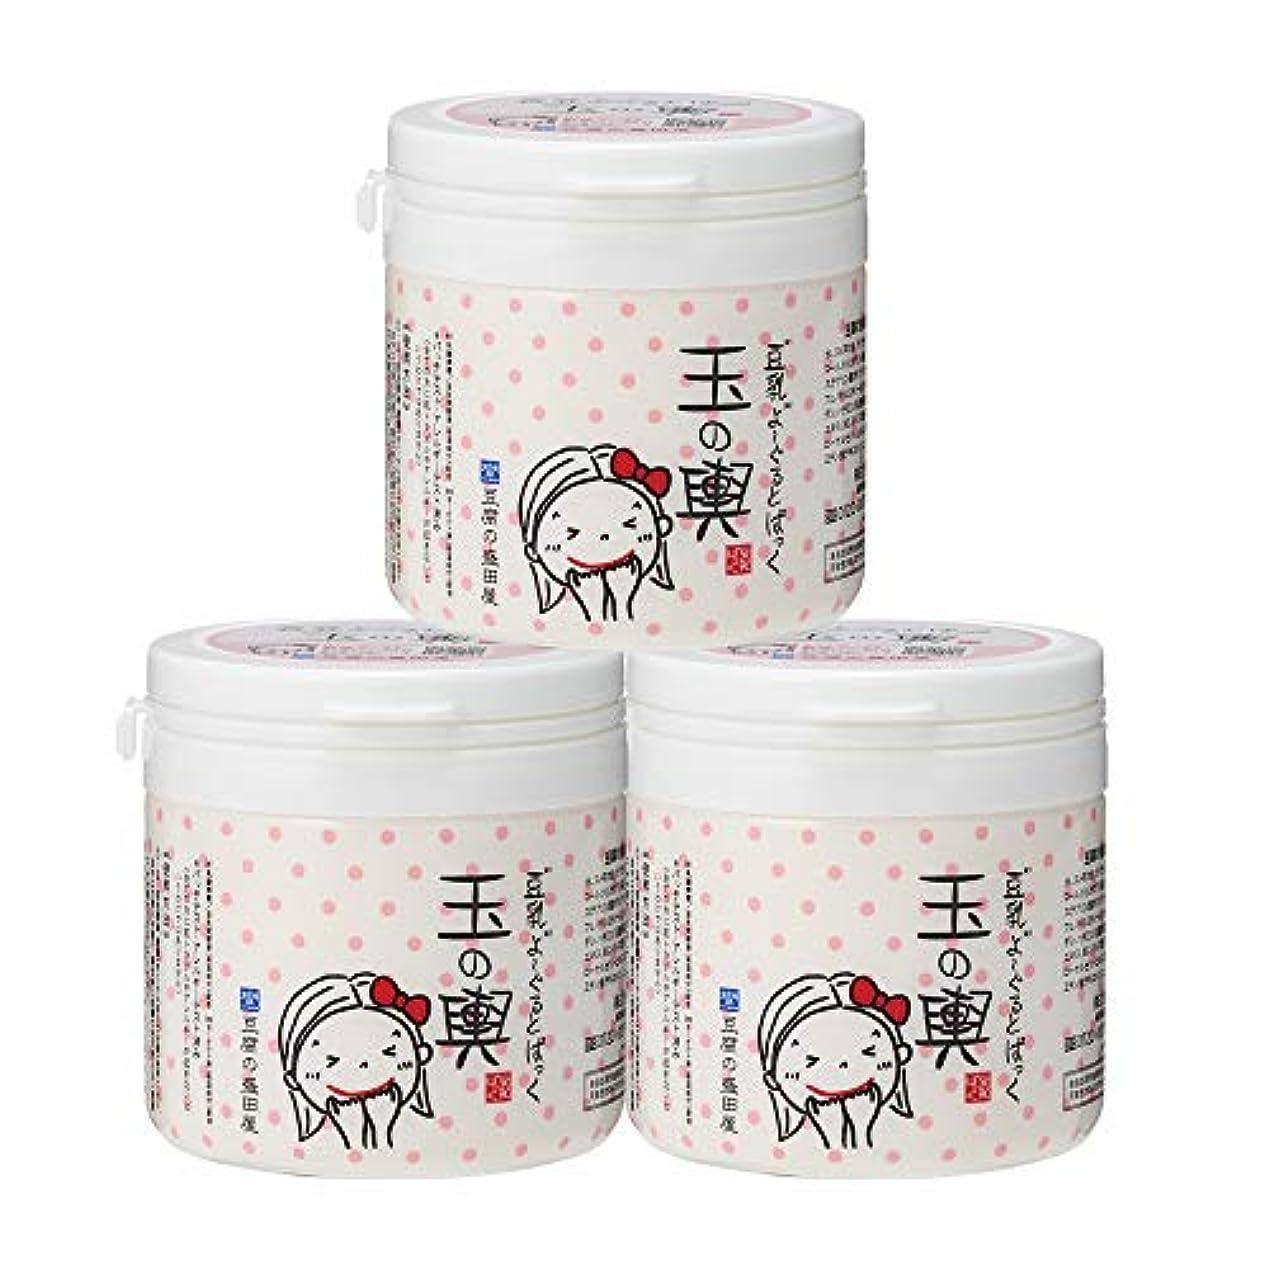 ミリメートル最終最終豆腐の盛田屋 豆乳よーぐるとぱっく 玉の輿 150g×3個セット